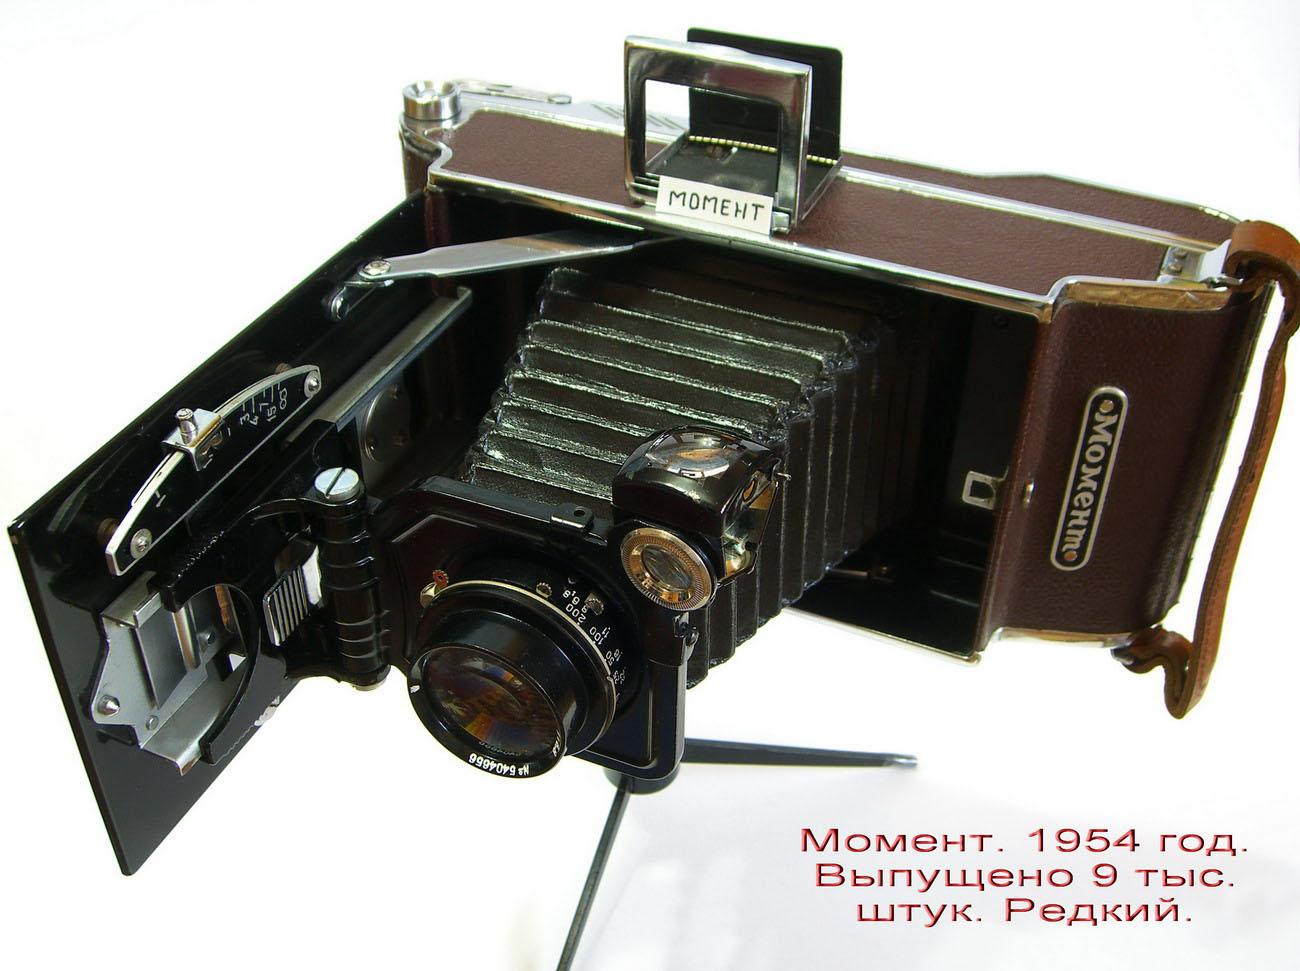 мускулистый, самый дорогой фотоаппарат собранный в ссср тёмных